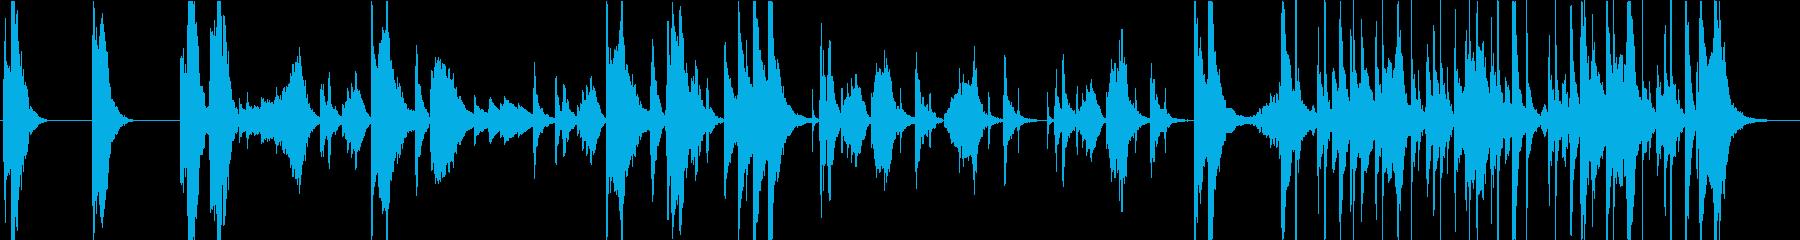 不思議・コミカルなシーンのBGMの再生済みの波形